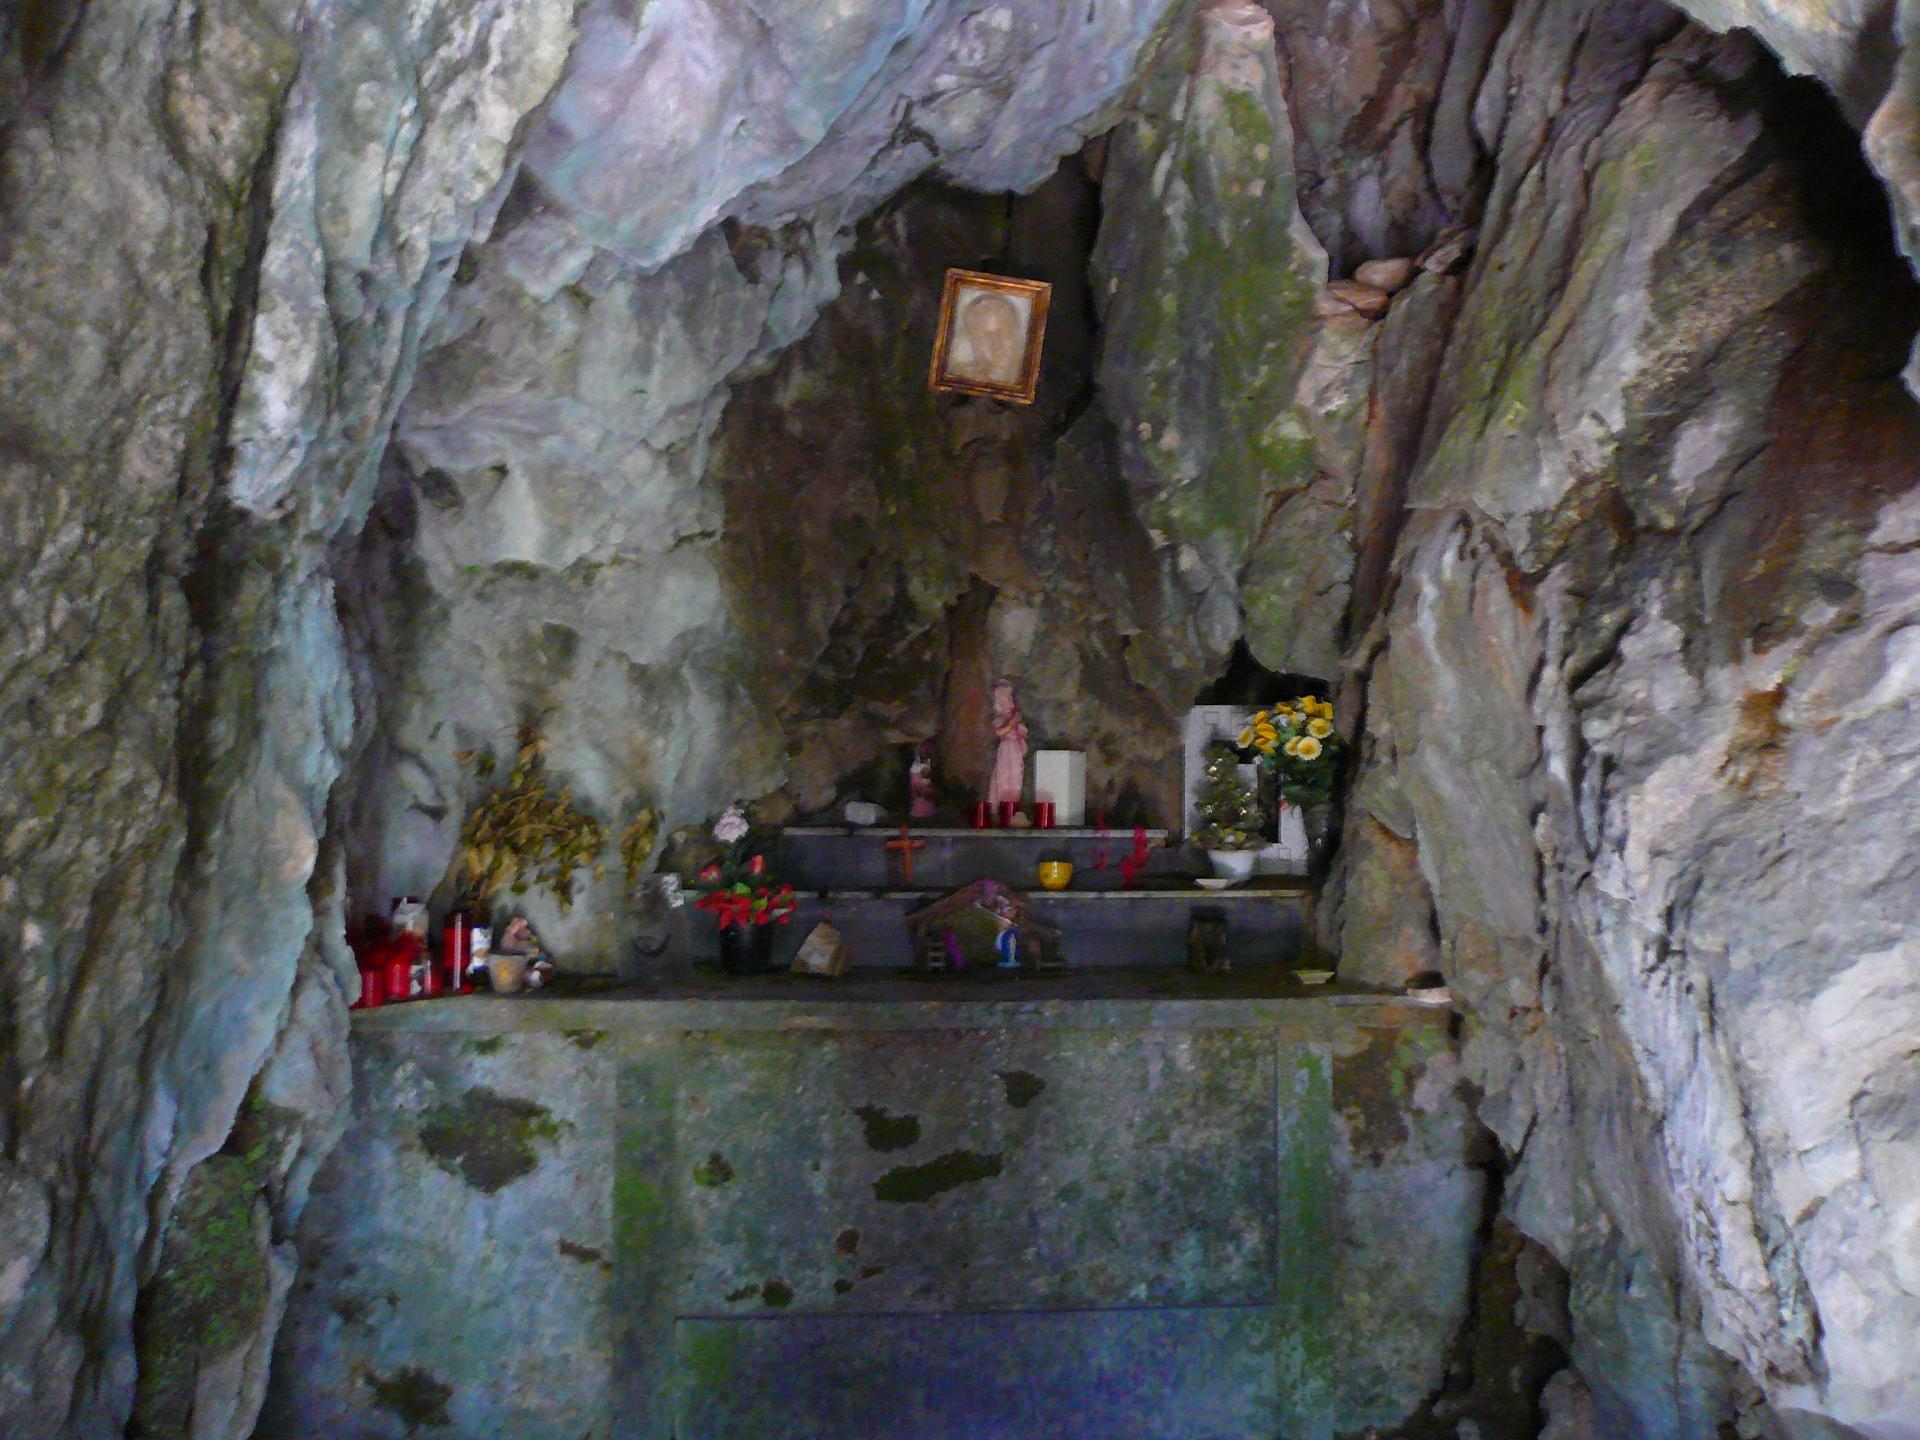 La grotte et son autel